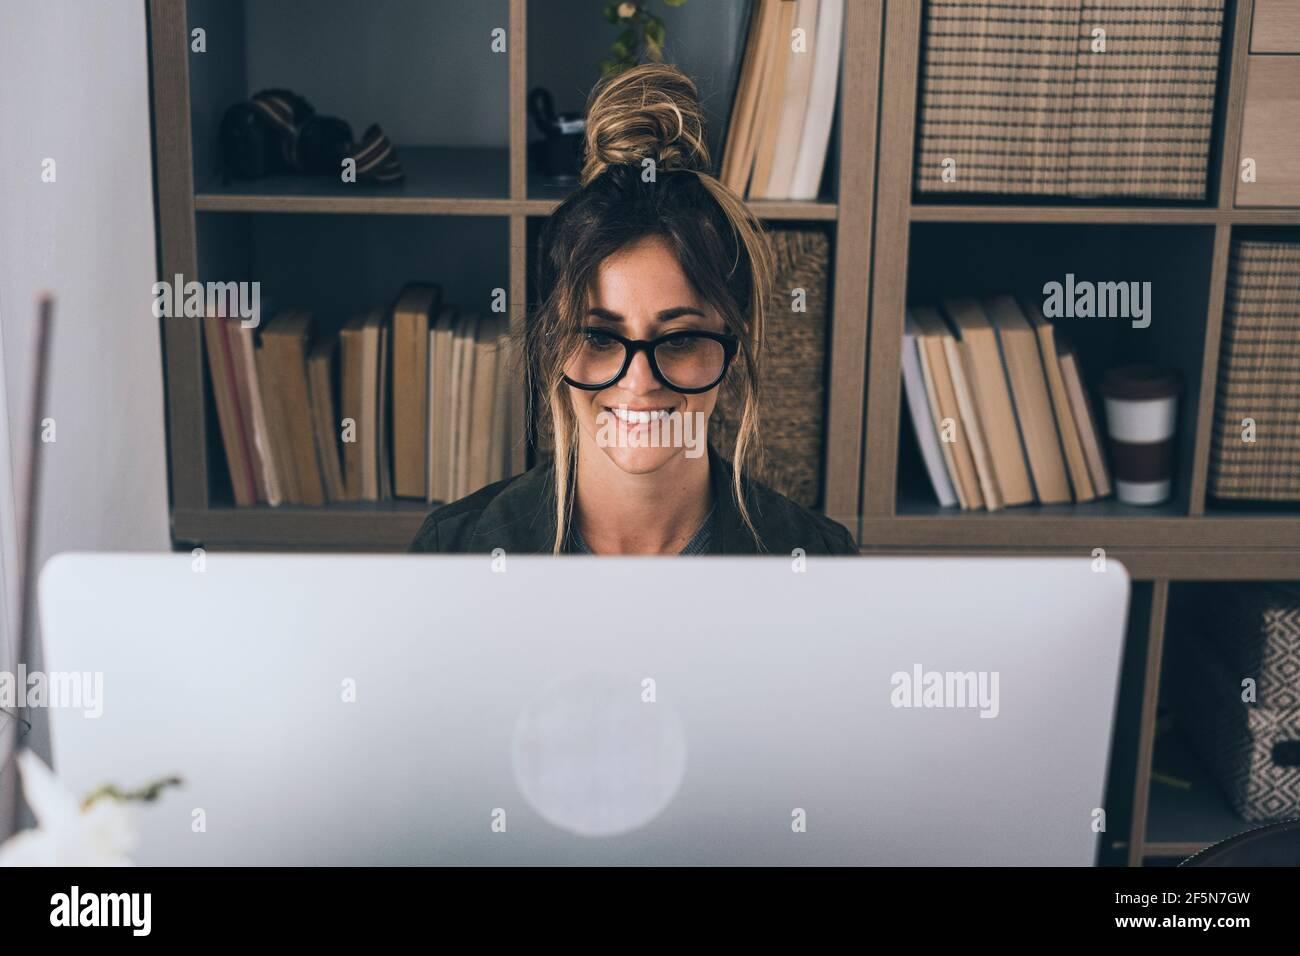 Appel de vidéo conférence en ligne travail à distance intelligent activité de bureau à domicile avec une jolie femme d'âge moyen appréciant en ligne technologie moderne et Banque D'Images